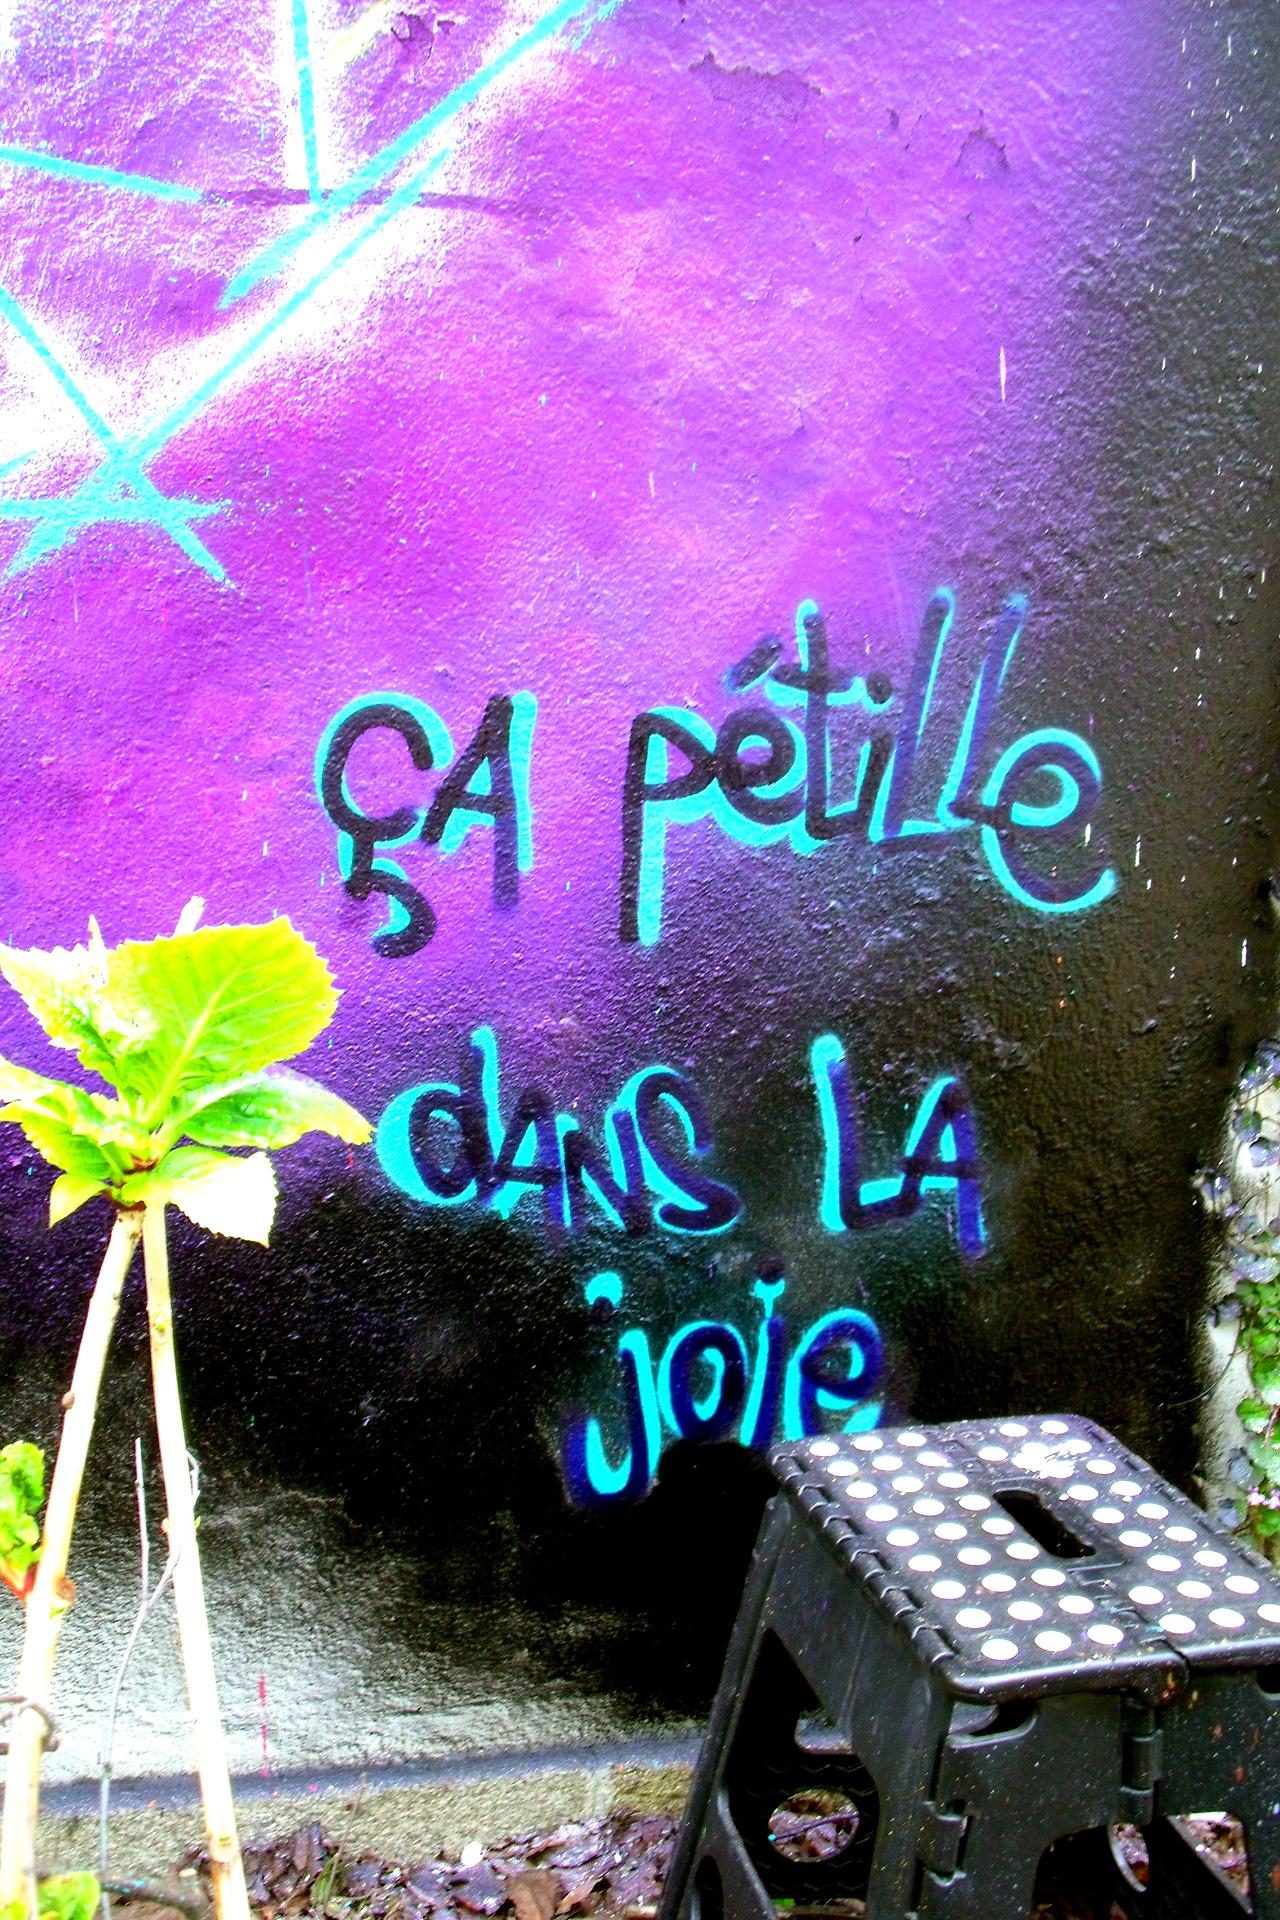 Jam graffiti